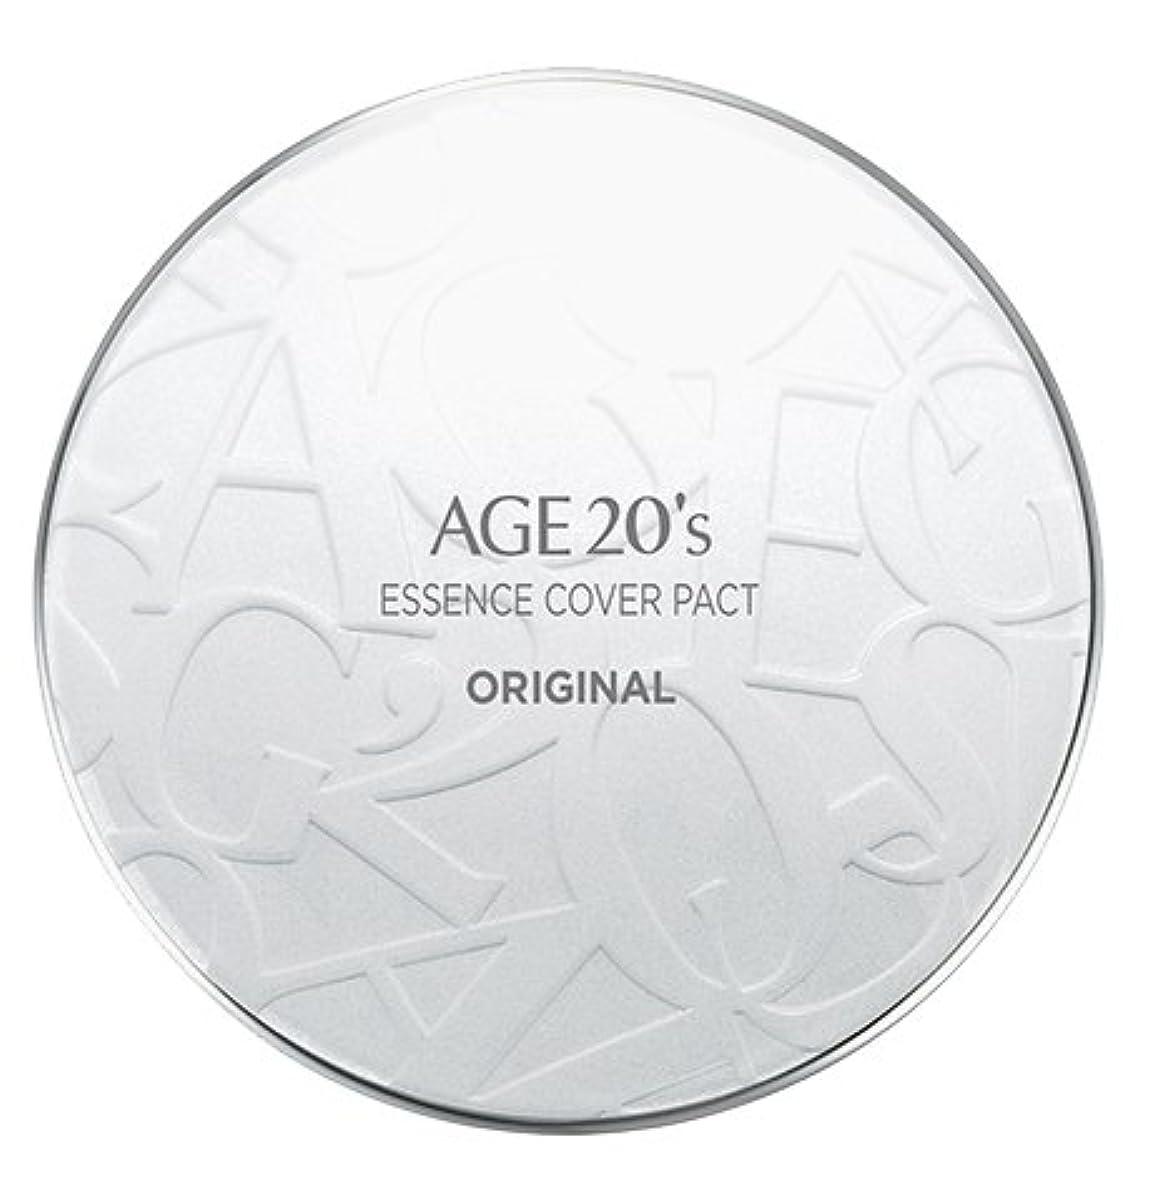 警報グリース中傷AGE 20's Essence Cover Pact Original [White Latte] 12.5g + Refill 12.5g (#21)/エイジ 20's エッセンス カバー パクト オリジナル [ホワイトラテ...